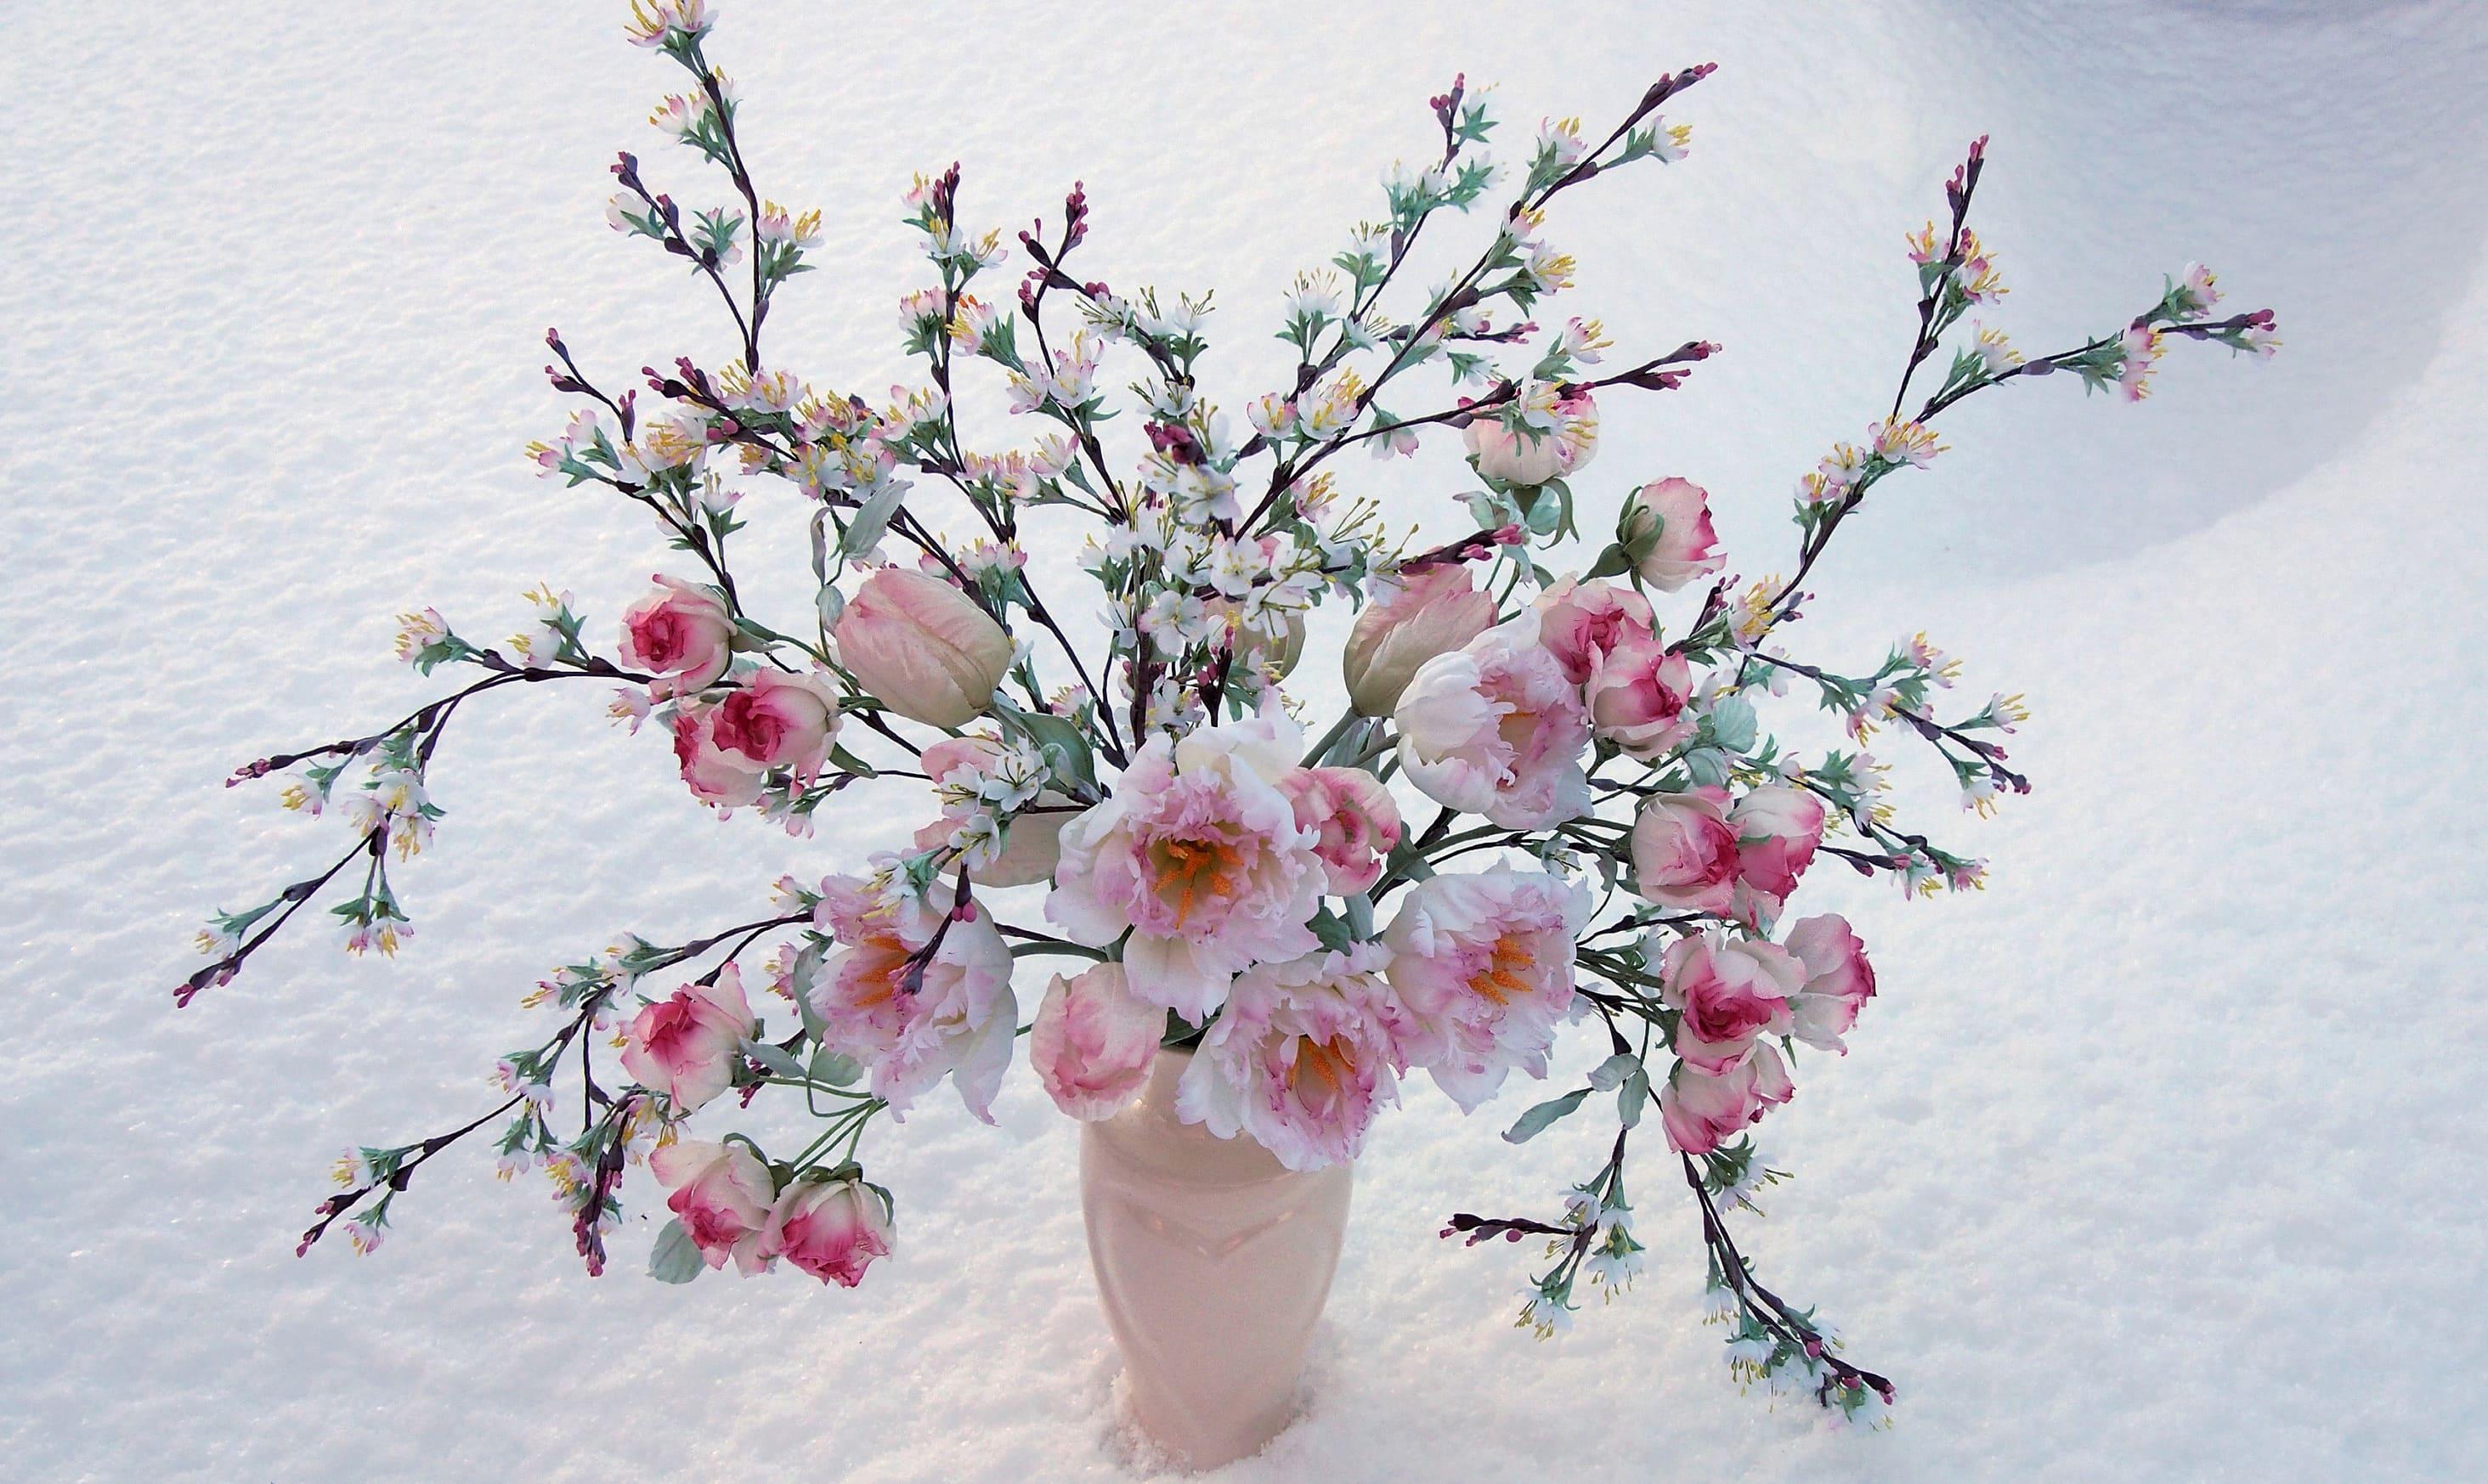 sakura-in-bloom-82